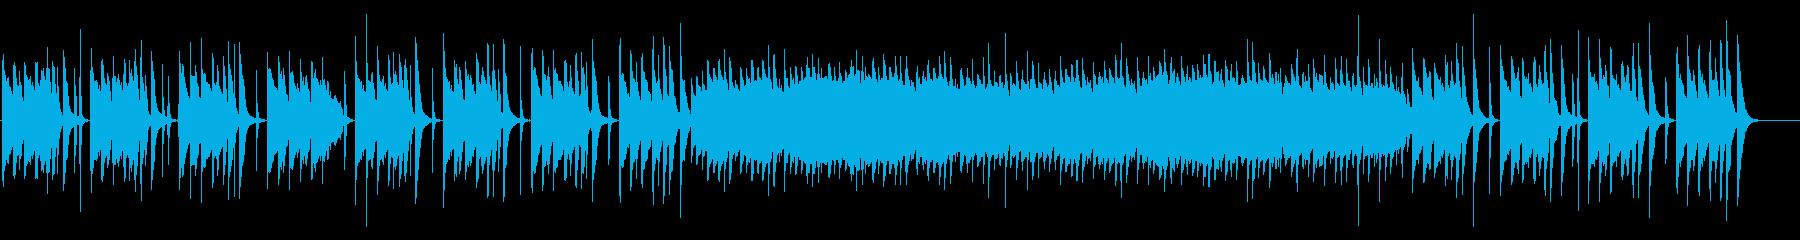 【メロ抜き】ほのぼのかわいい、やさしい曲の再生済みの波形